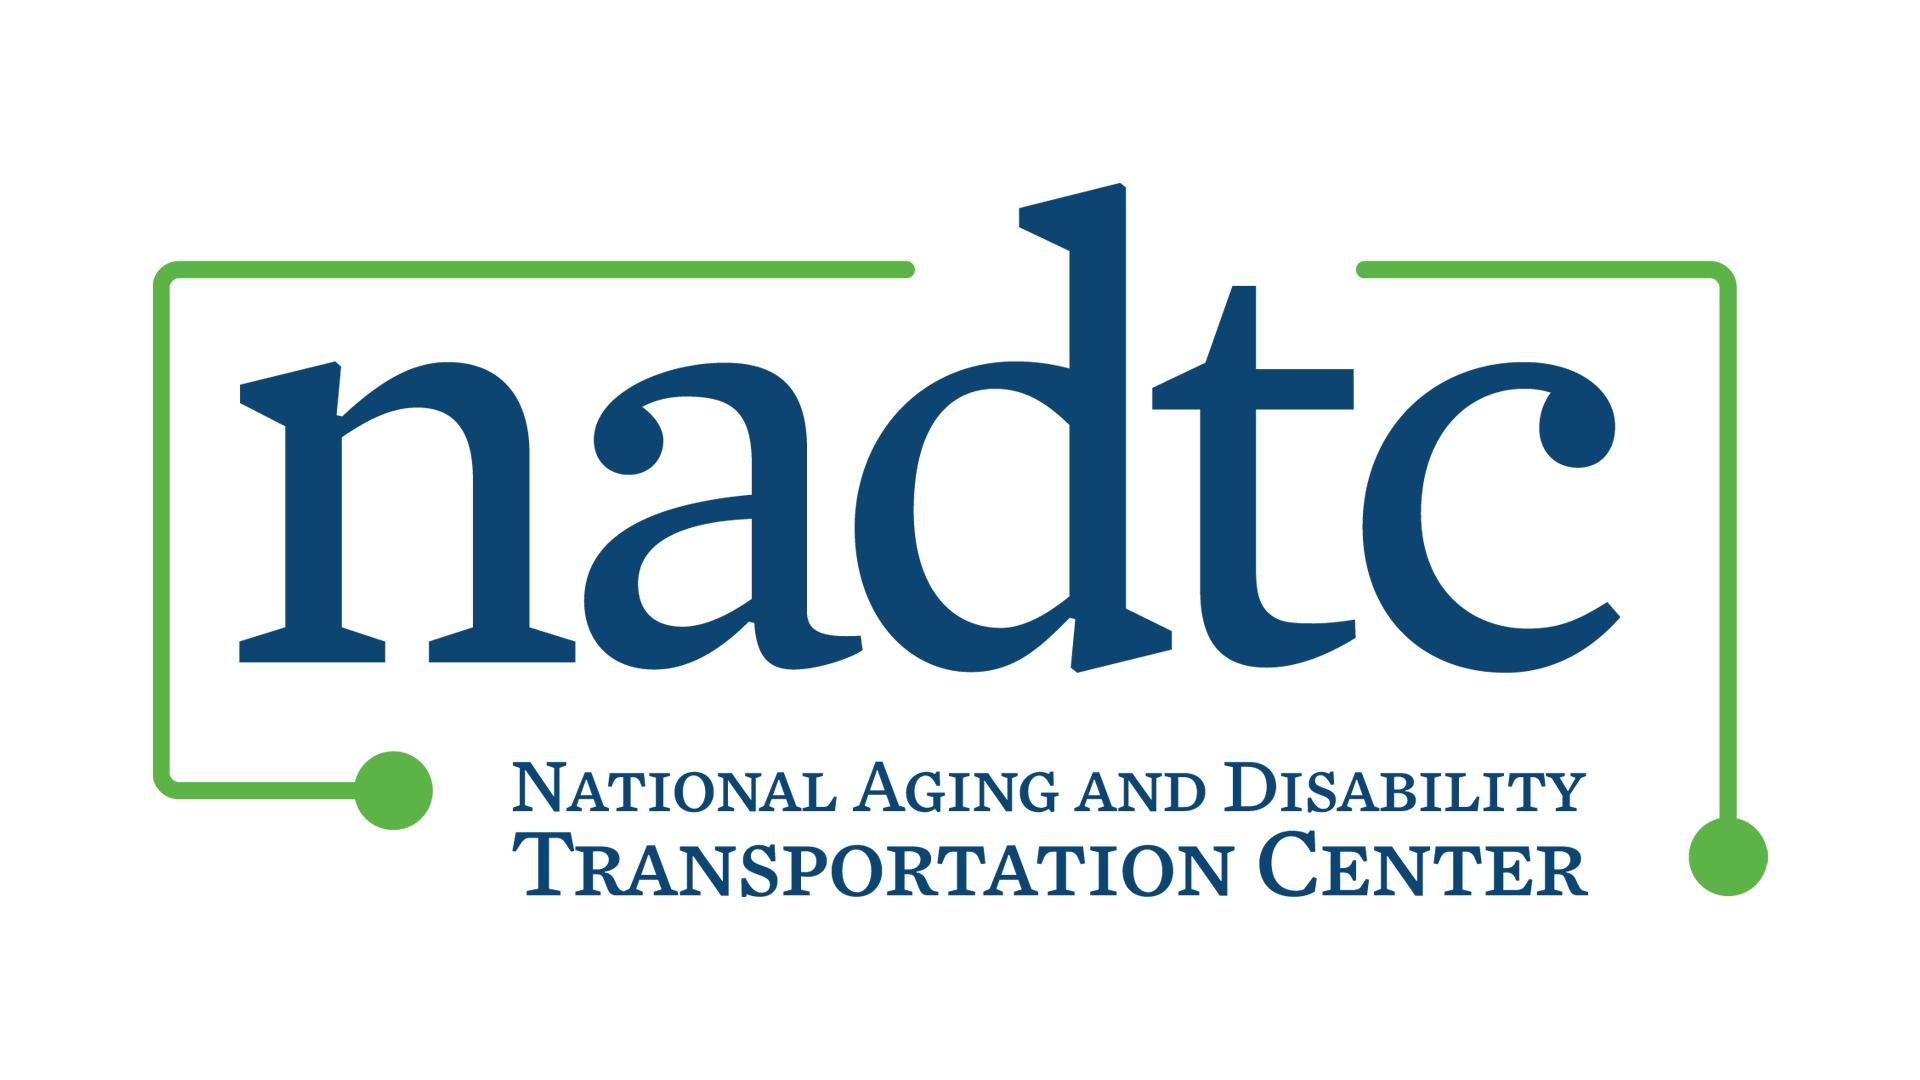 NADTC_1920x1080